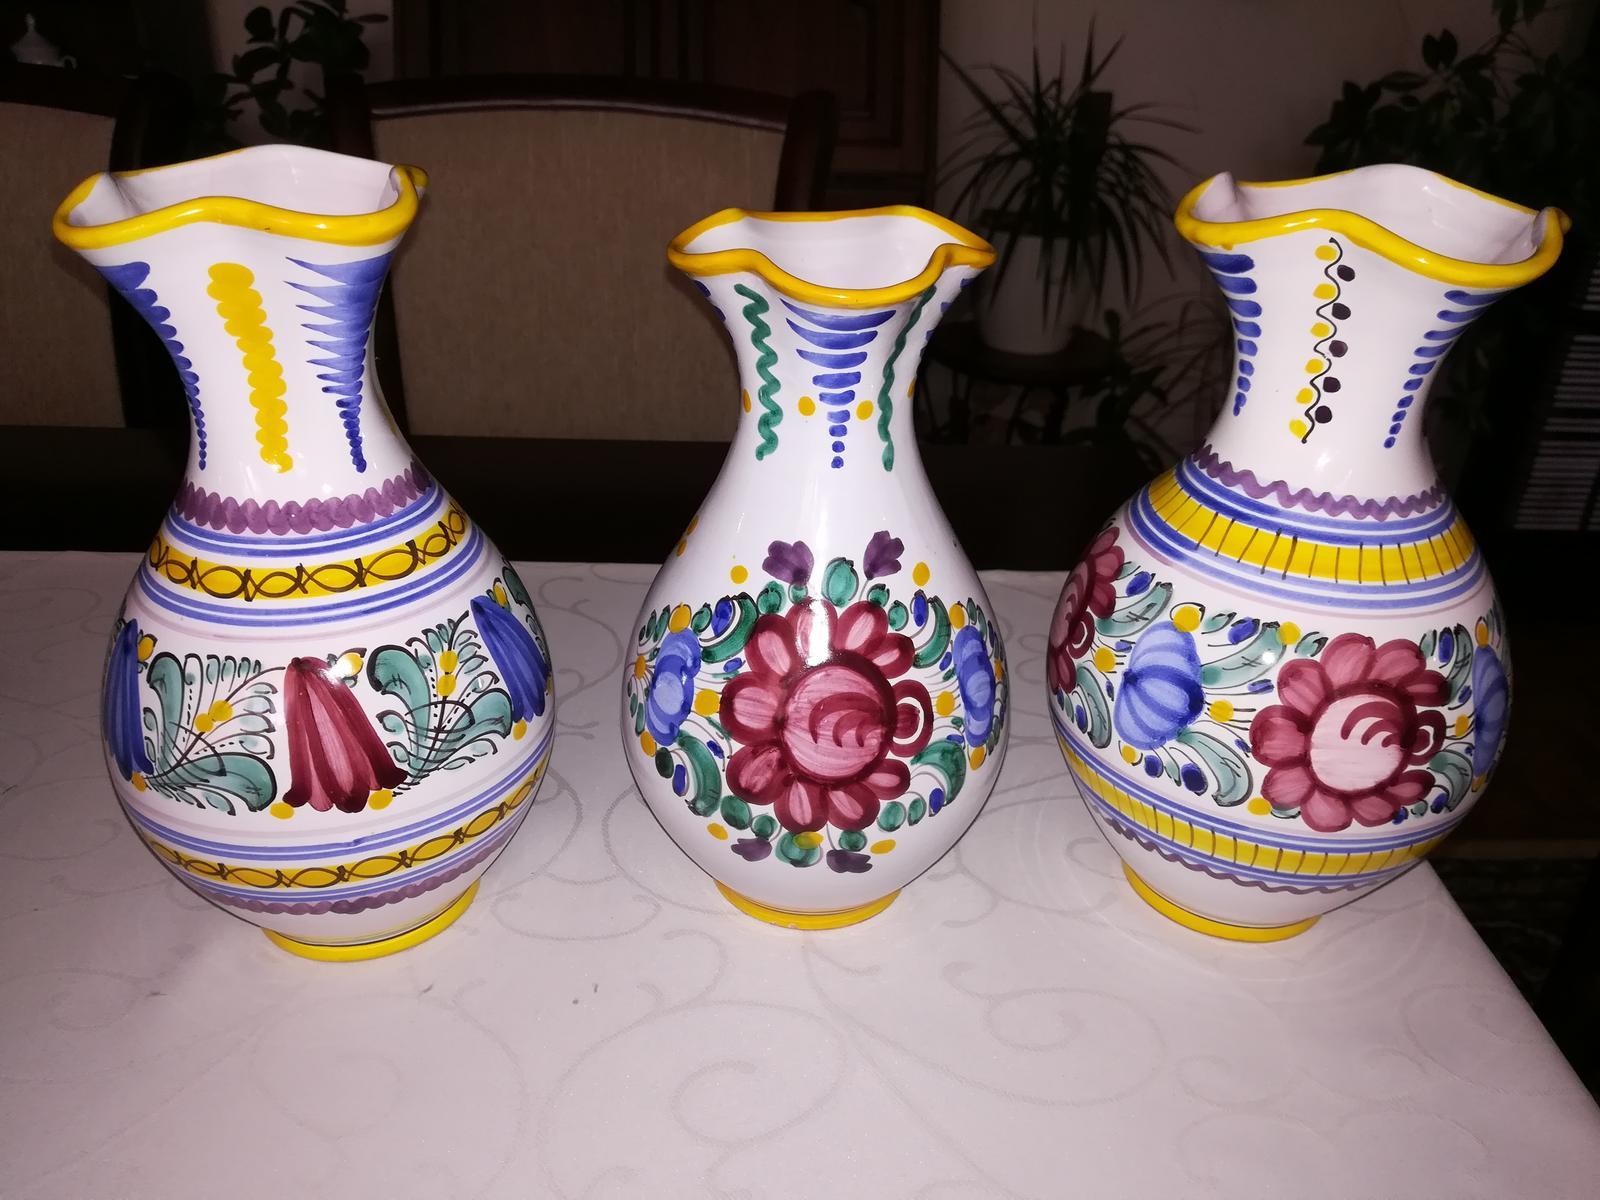 modranská keramika - 3 vázy - Obrázok č. 1